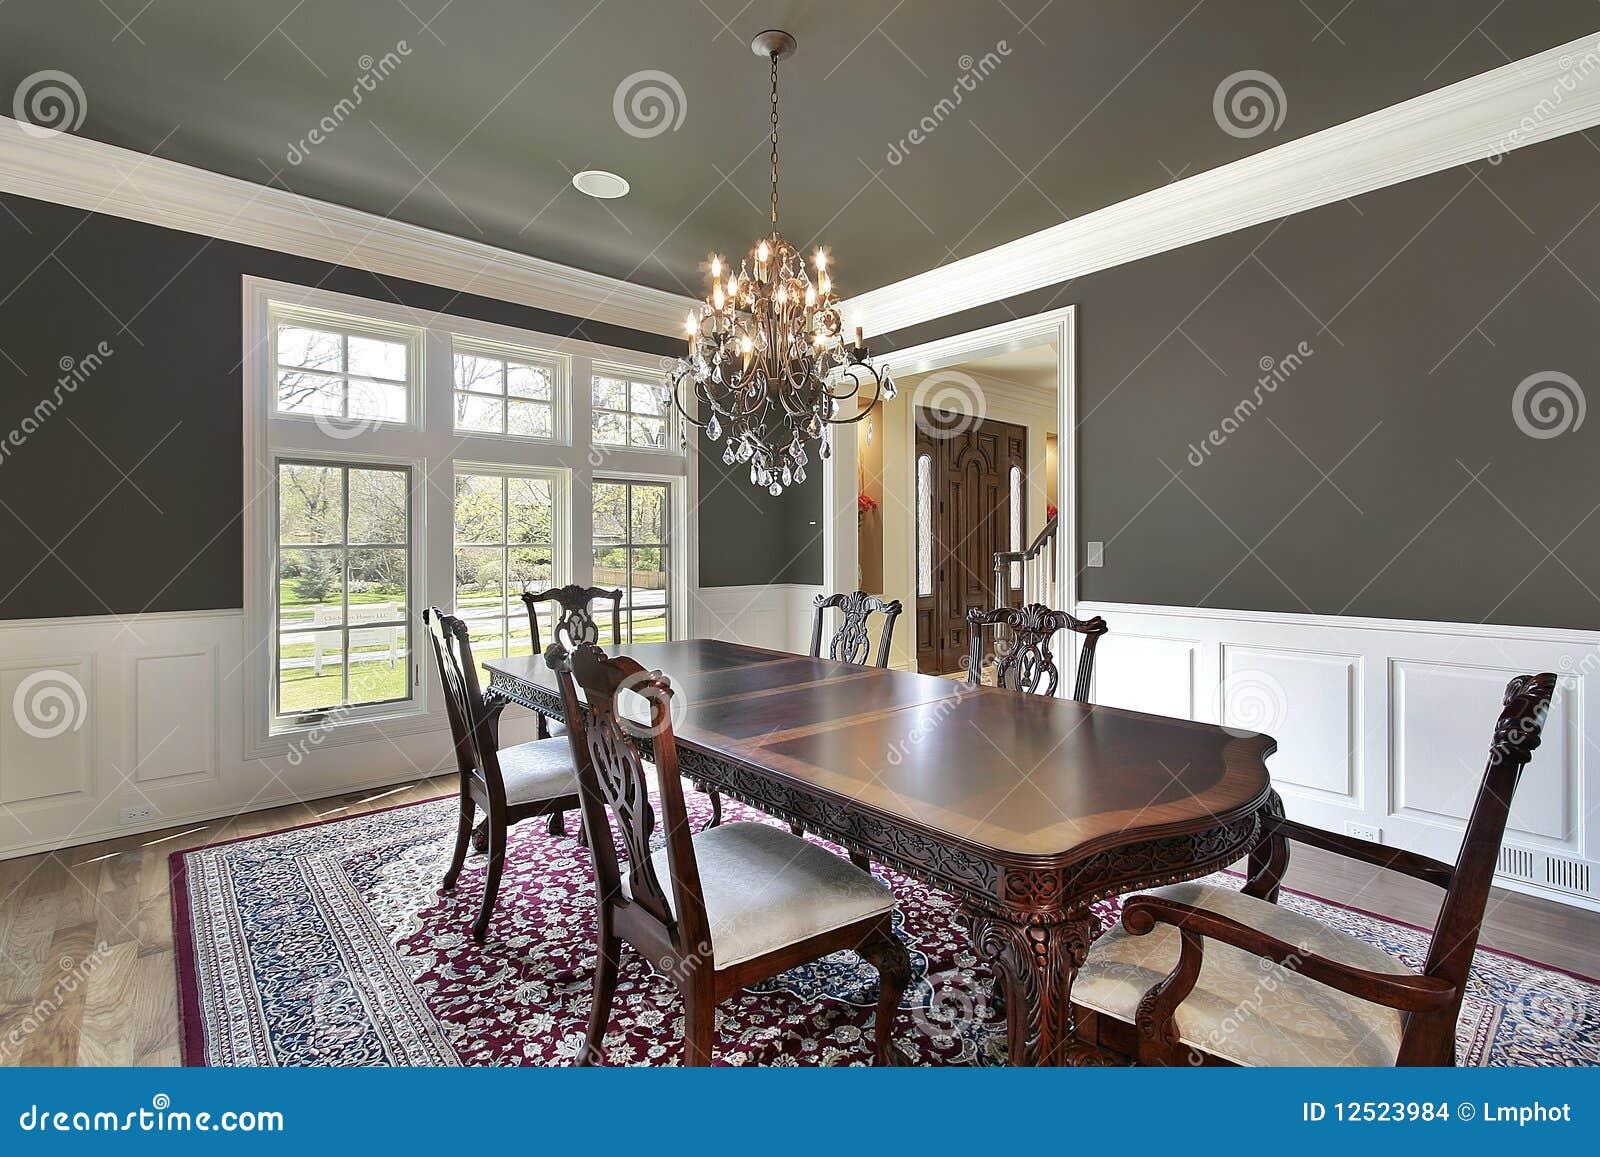 Zwart witte keuken welke muur kleur - Gekleurde muren keuken met witte meubels ...